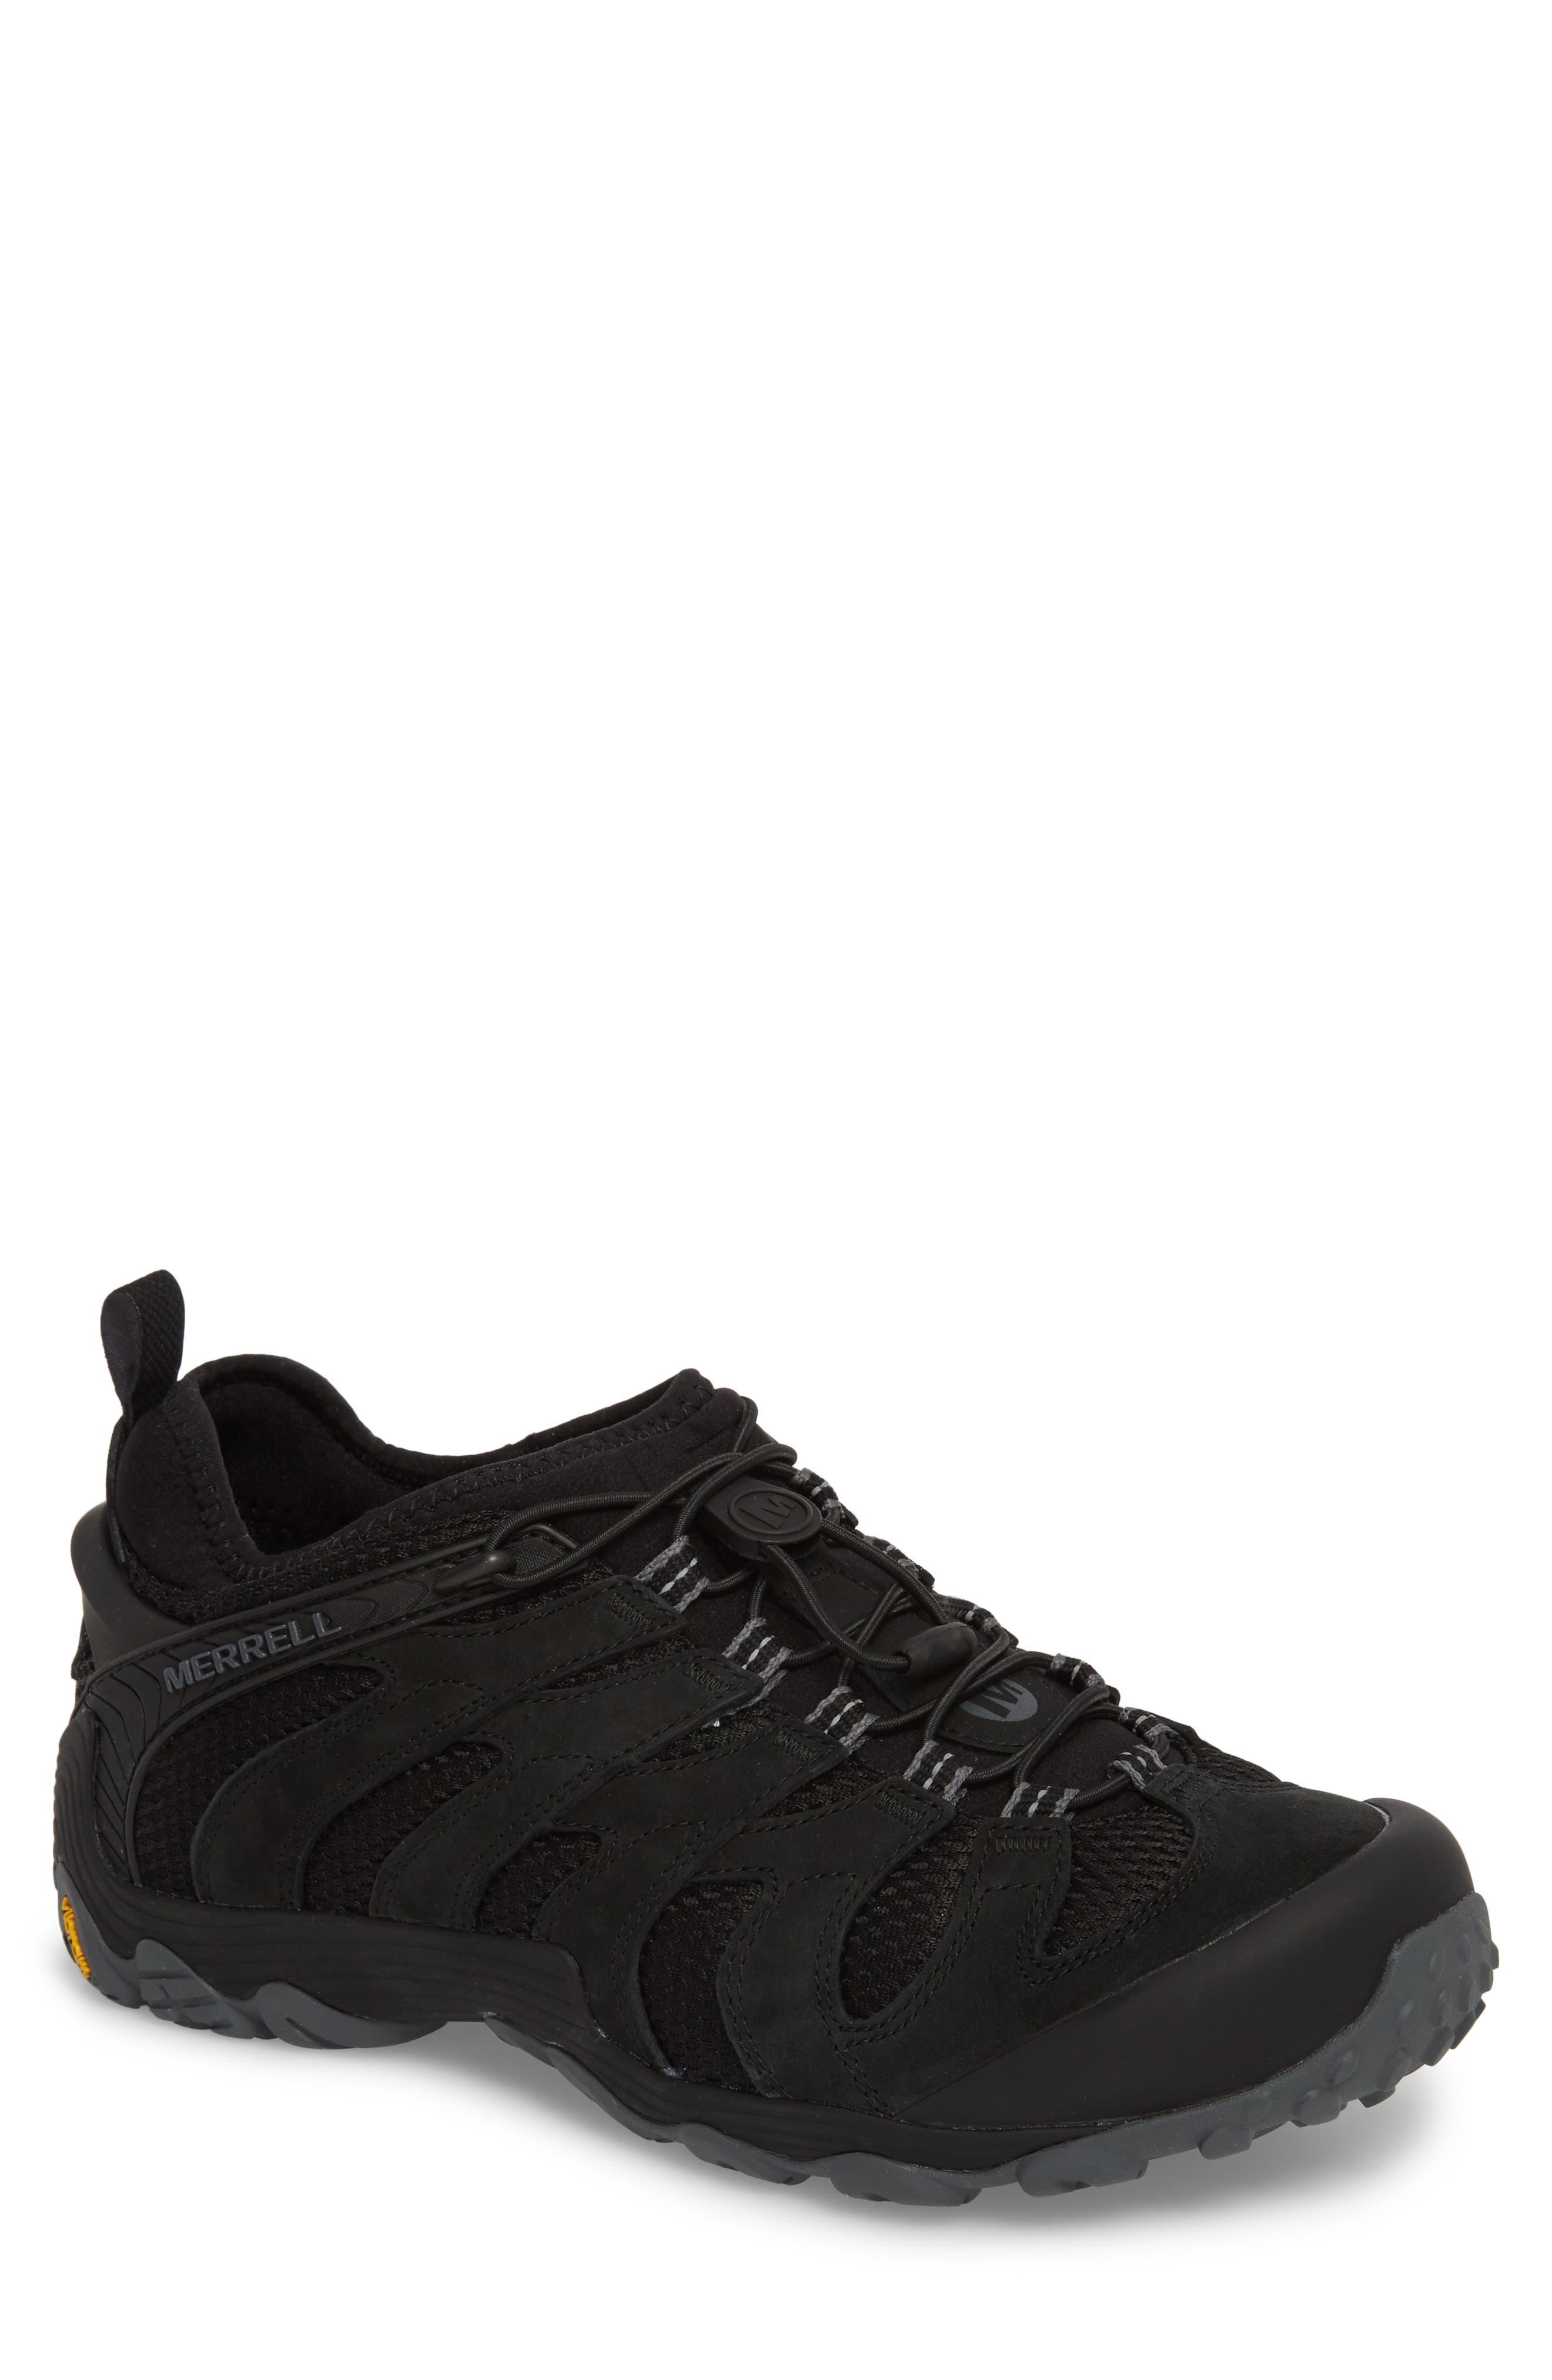 Chameleon 7 Stretch Hiking Shoe,                         Main,                         color, Black